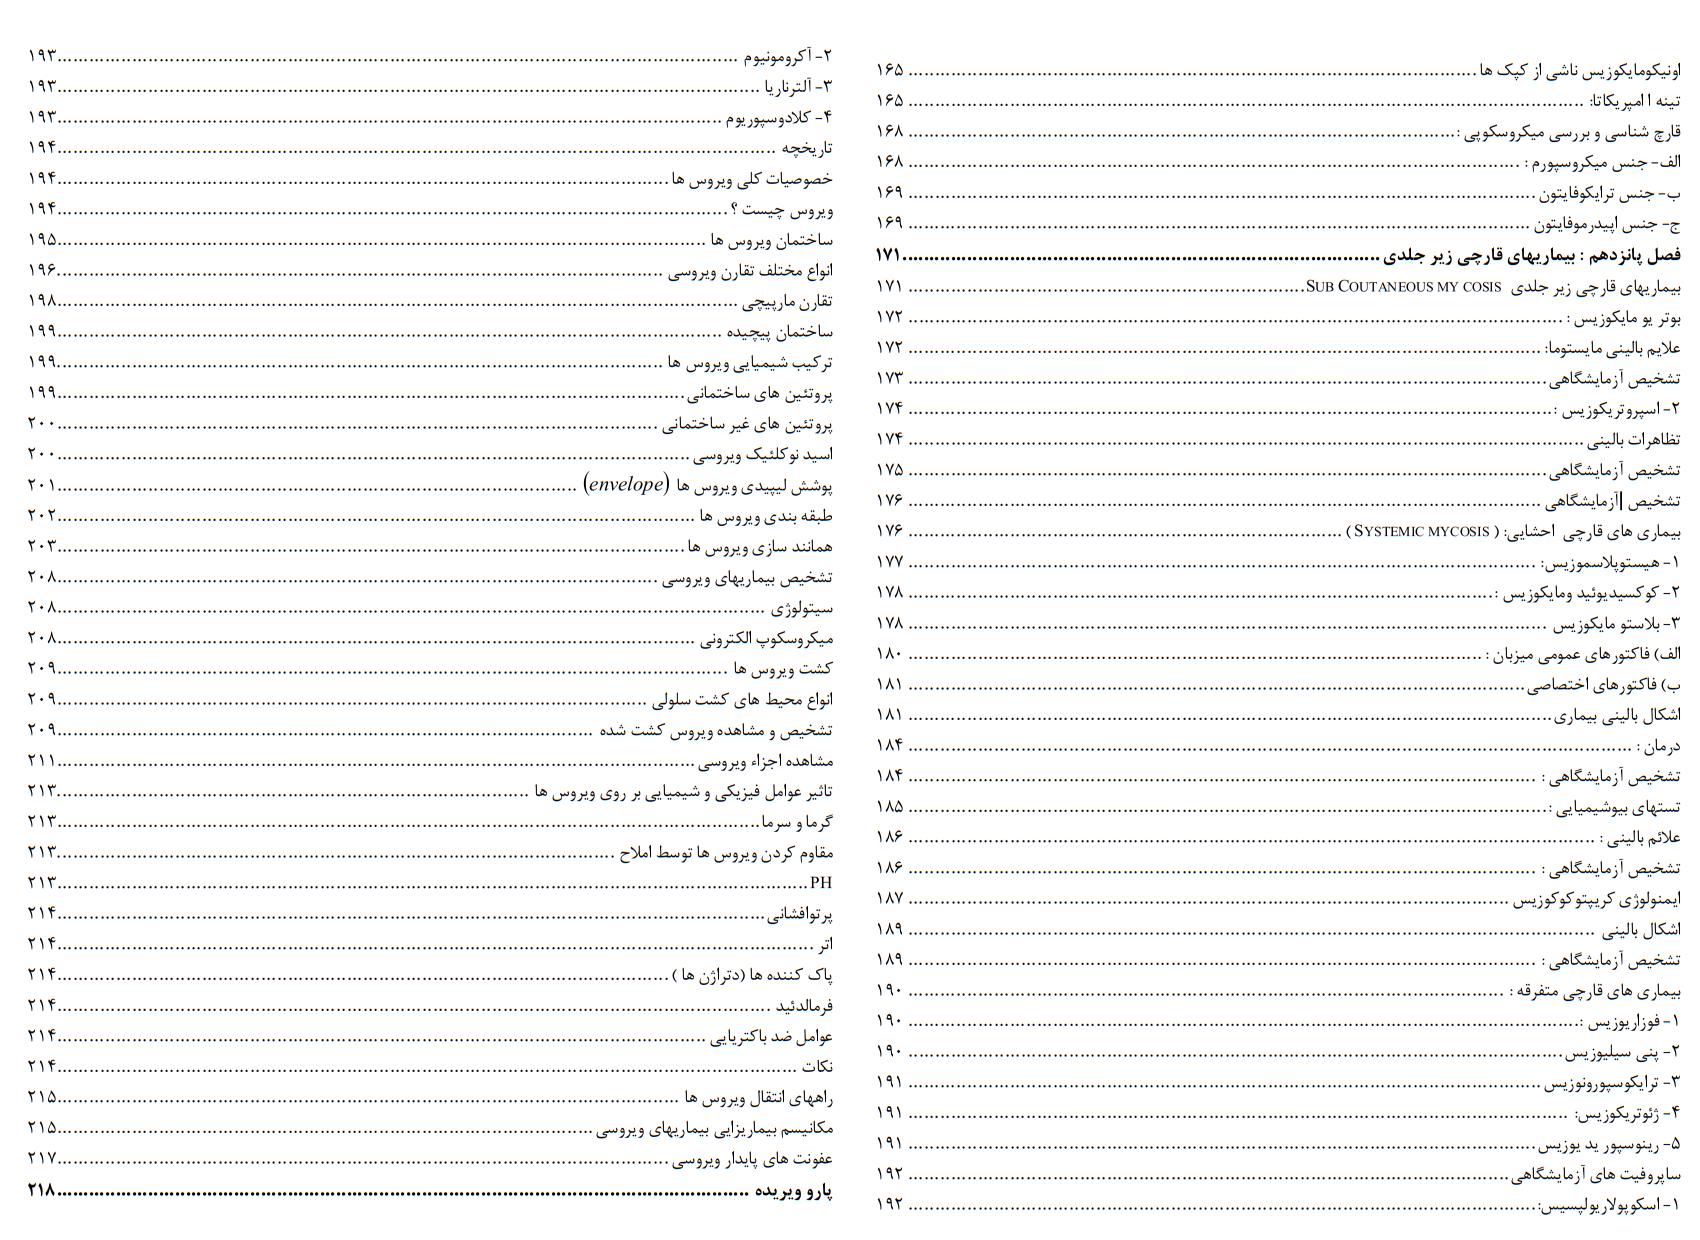 دانلود جزوه کامل کتاب ایمنی شناسی و ویروس شناسی پزشکی (ایمونولوژی) همراه با سوالات تستی با پاسخ pdf بیش از 300 نمونه سوال تستی با جواب